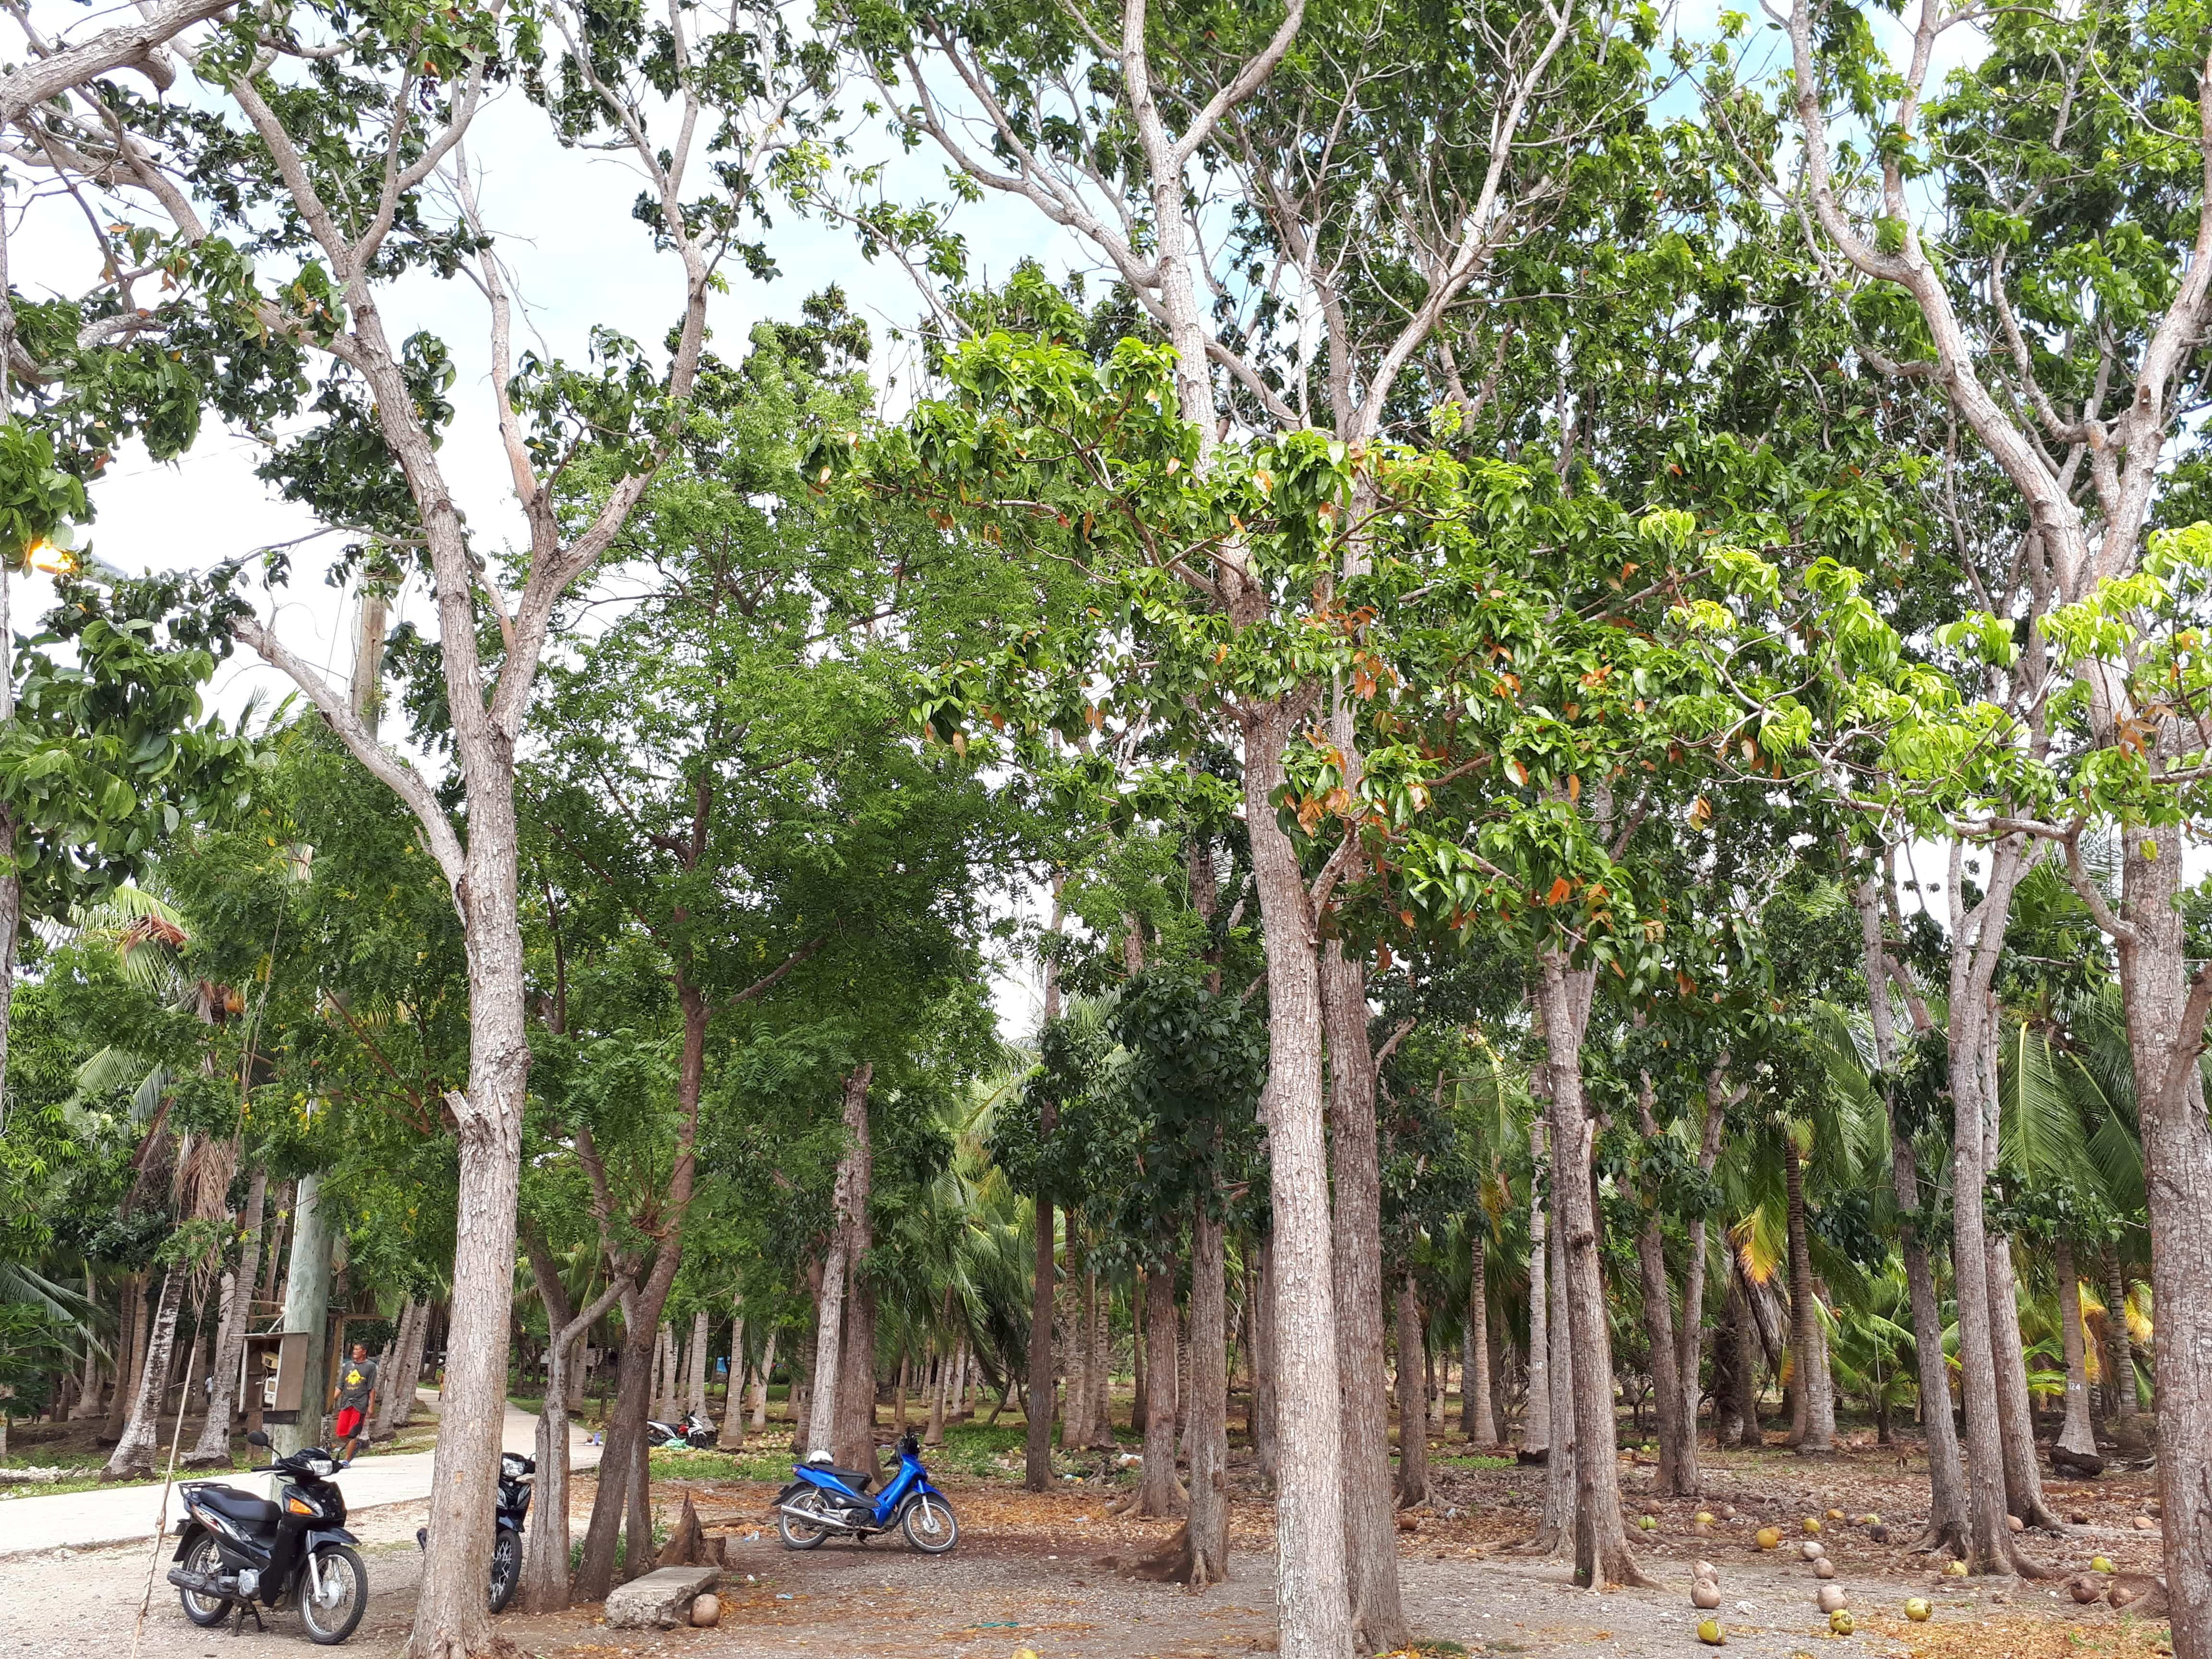 Un champ de cocotier et notre scooter près de Paliton